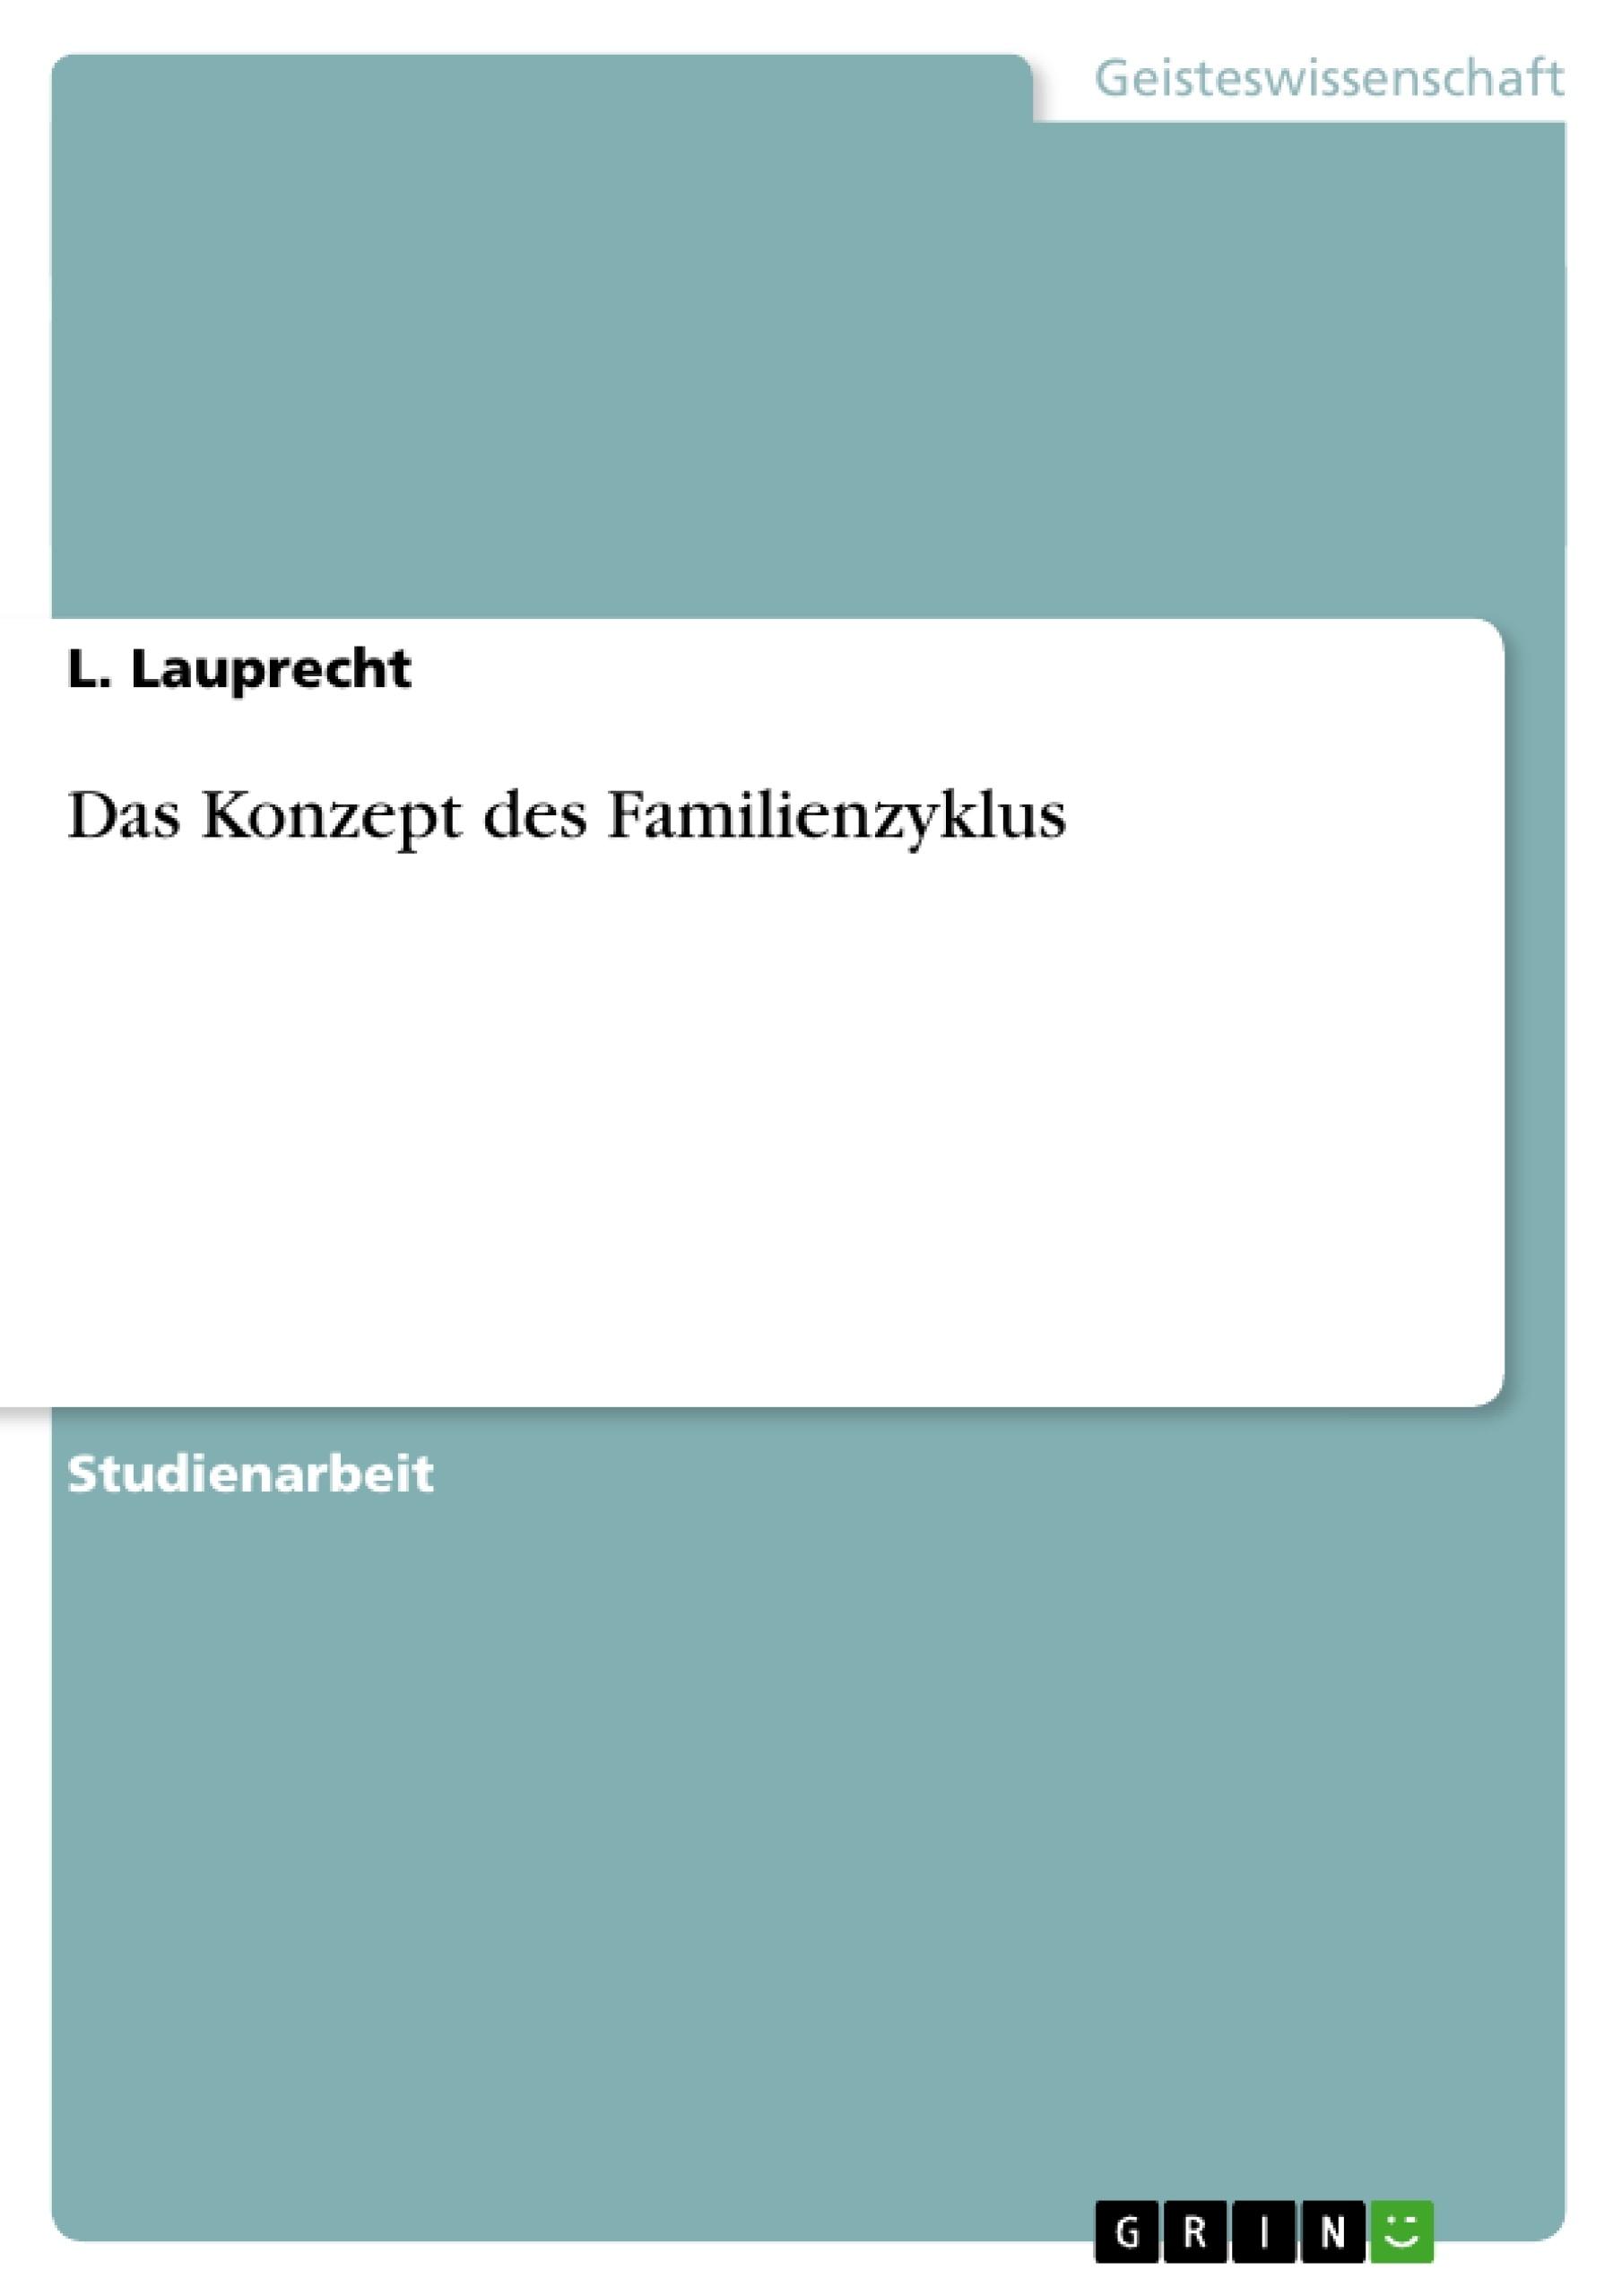 Titel: Das Konzept des Familienzyklus